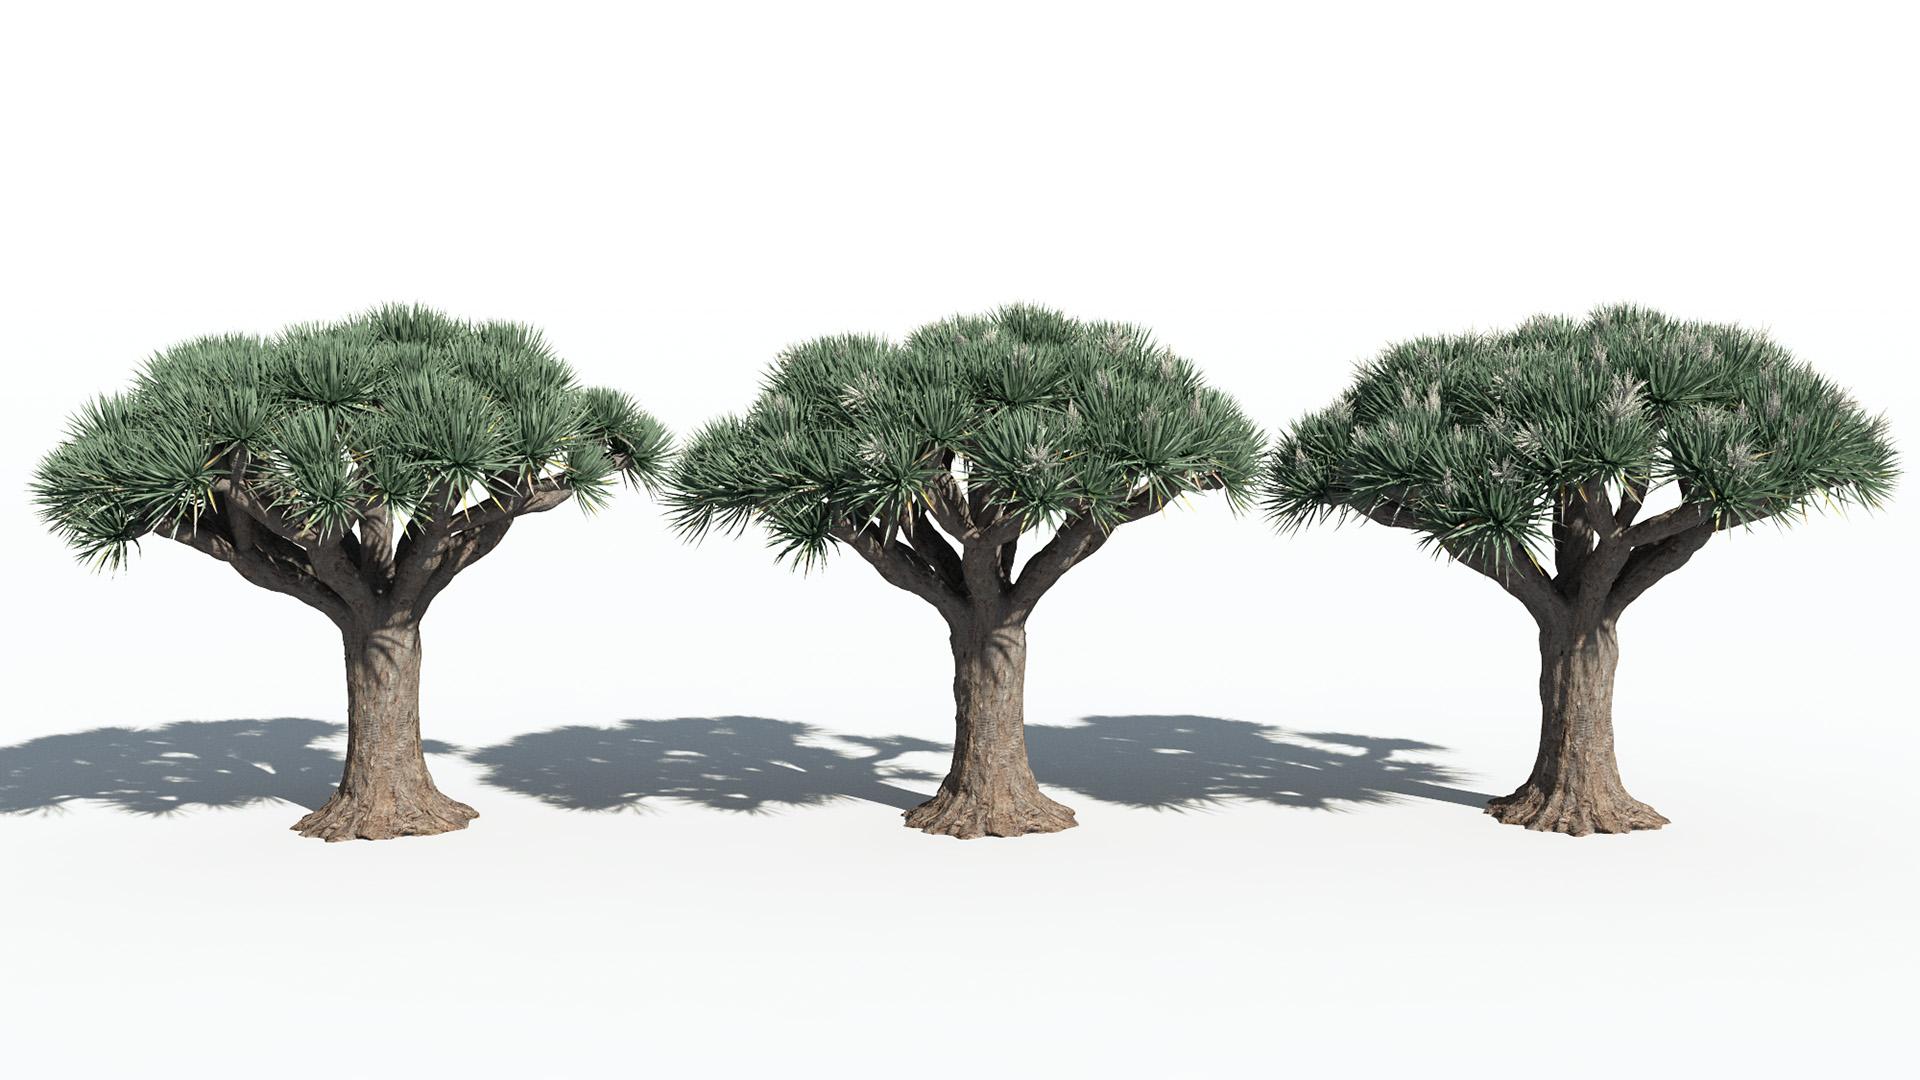 3D model of the Dragon tree Dracaena draco season variations